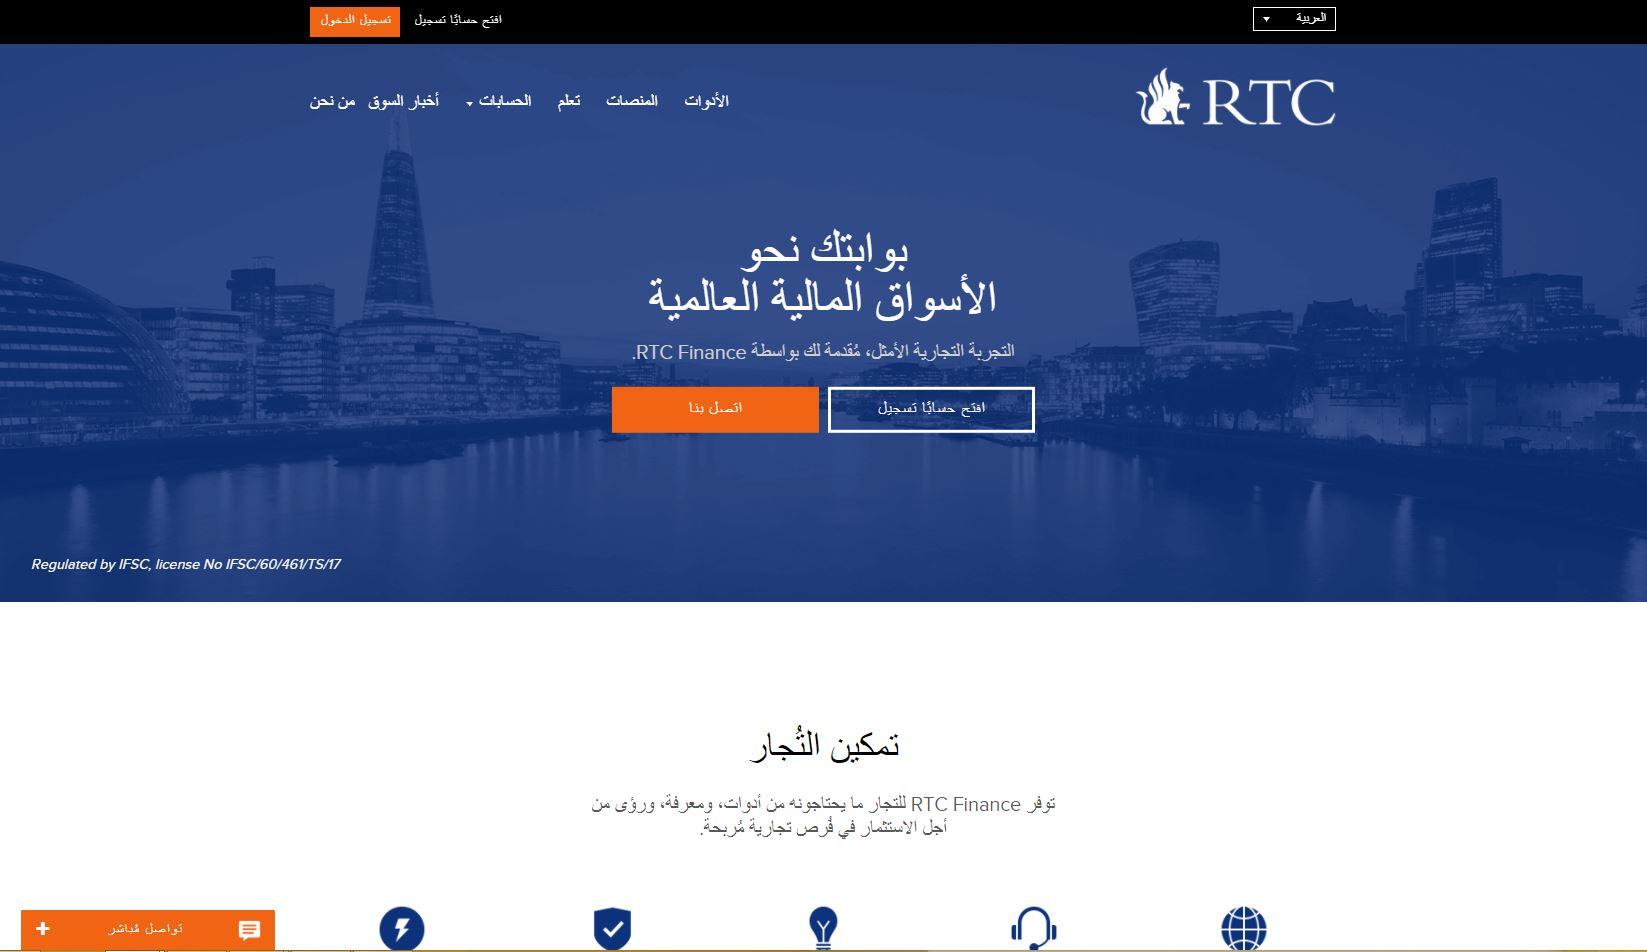 Rtc finance